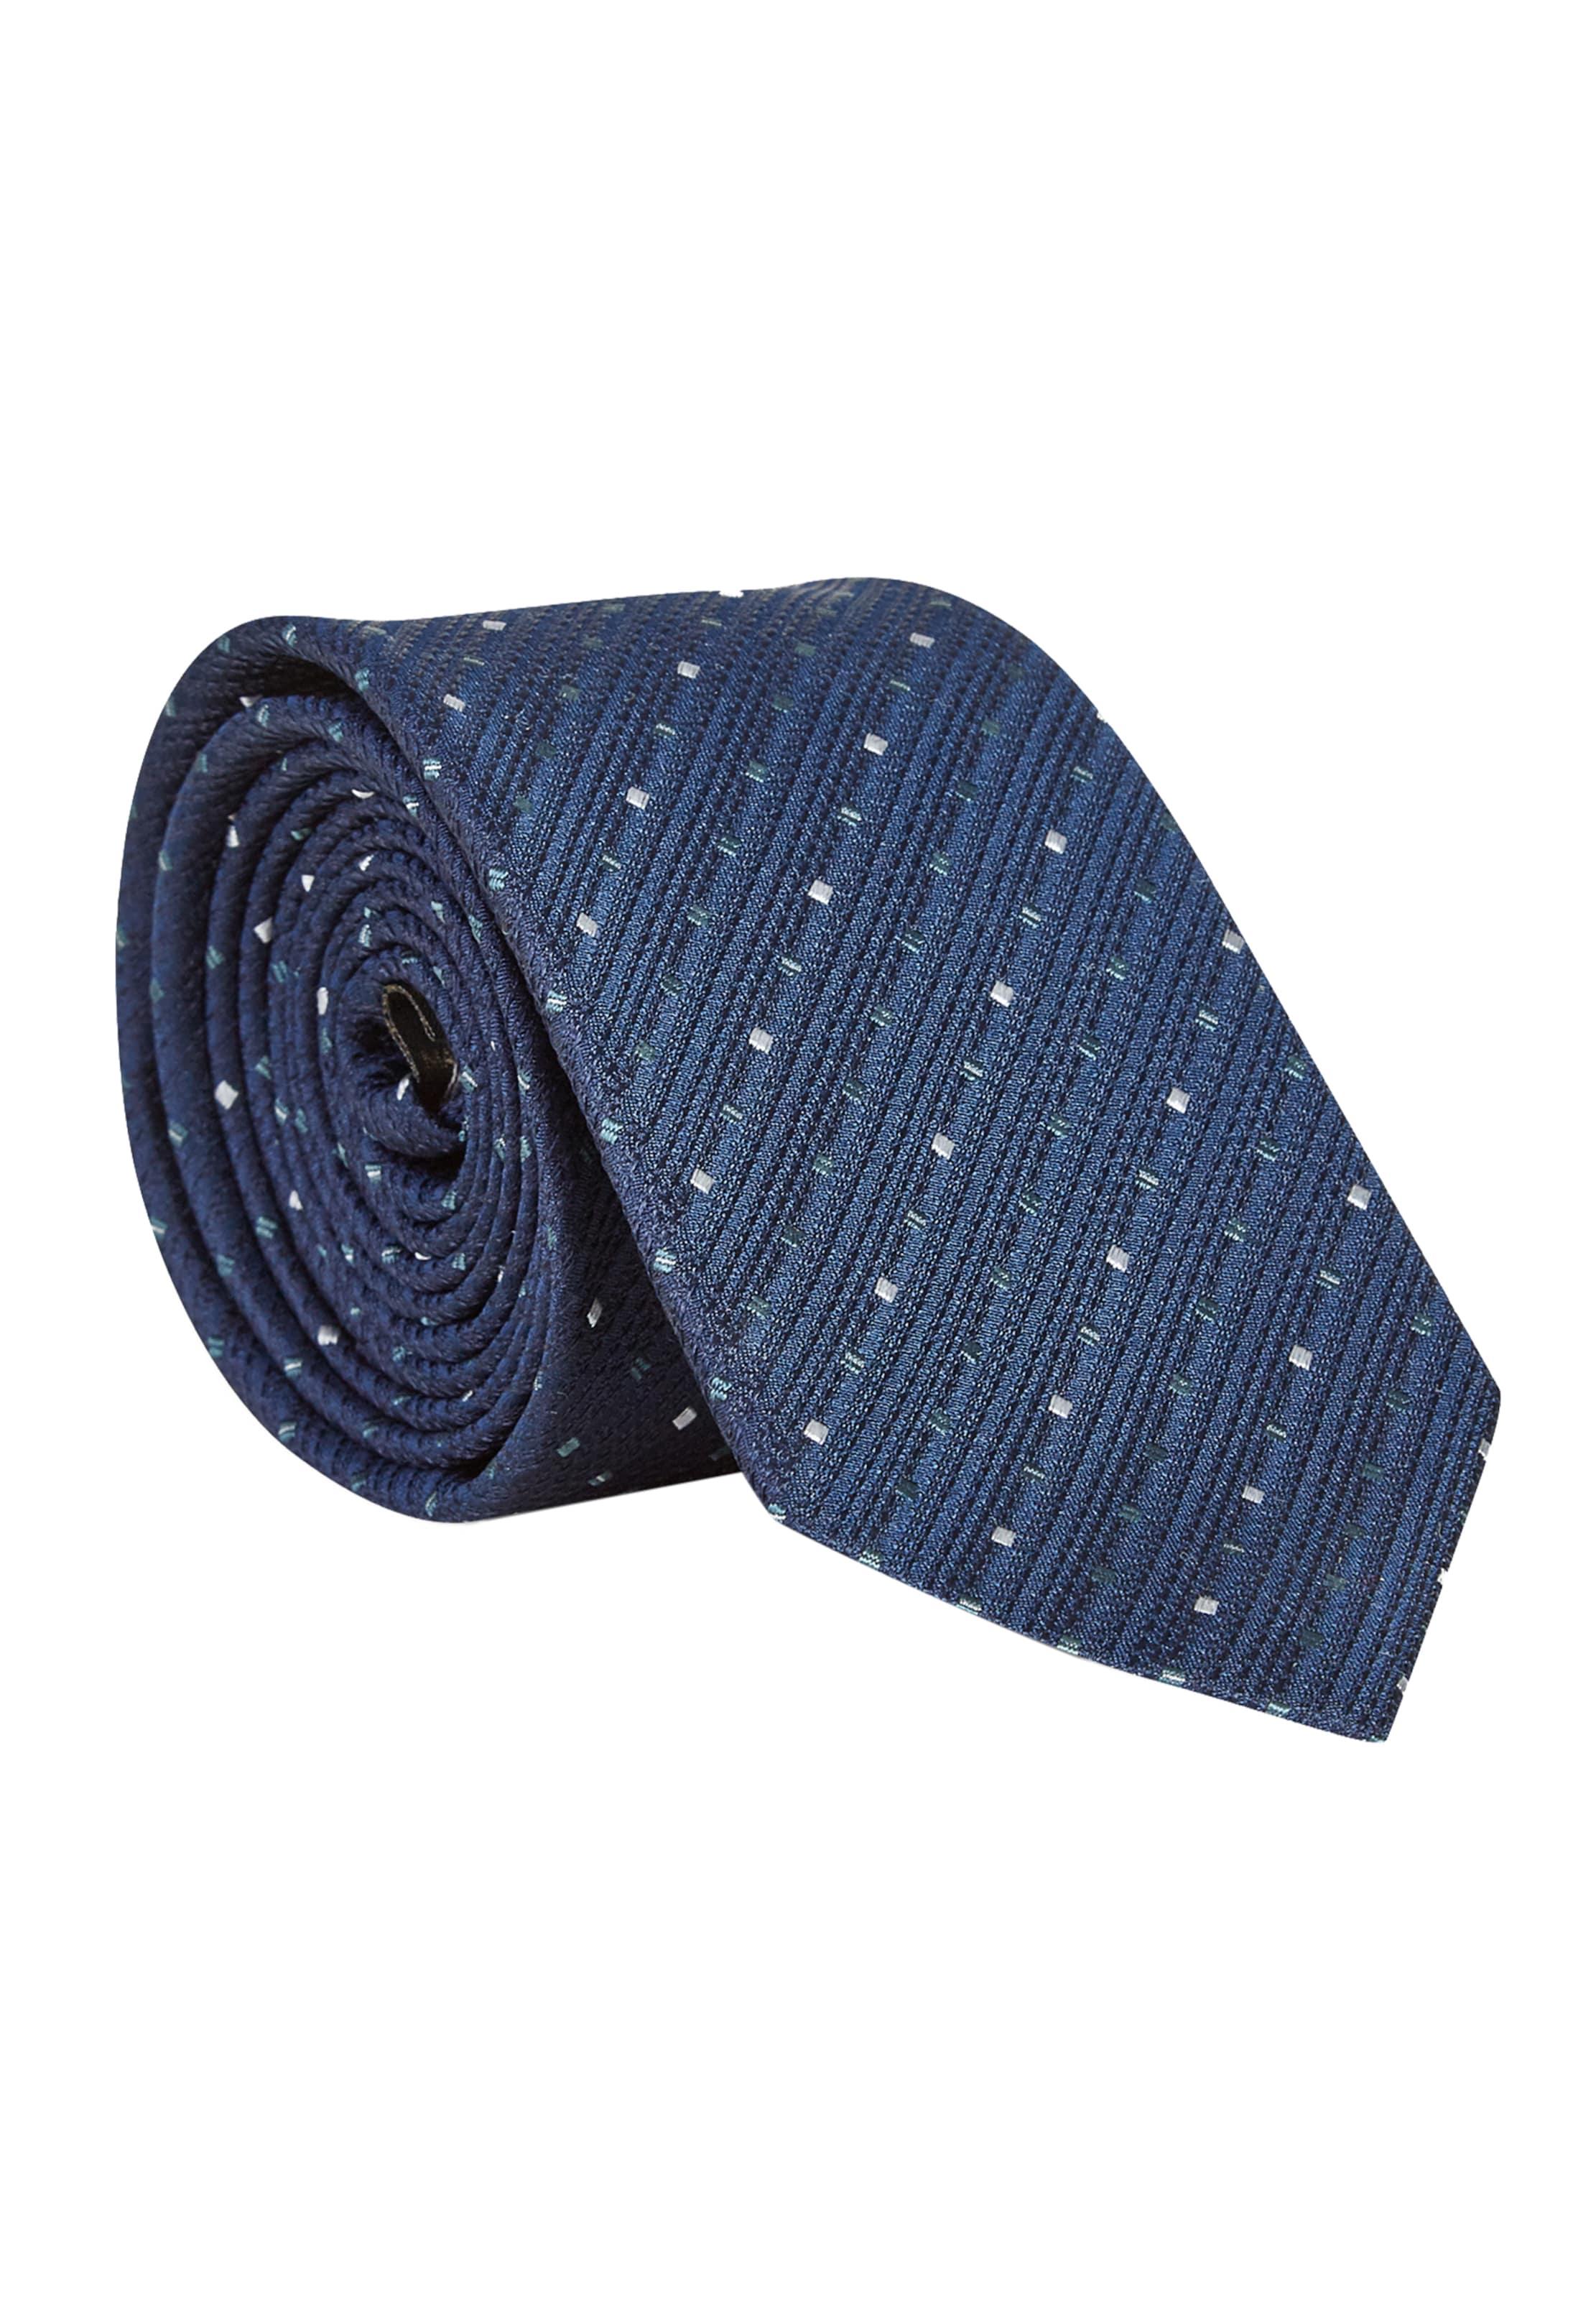 Hechter Dunkelblau Business In Daniel krawatte DYe2EWH9I